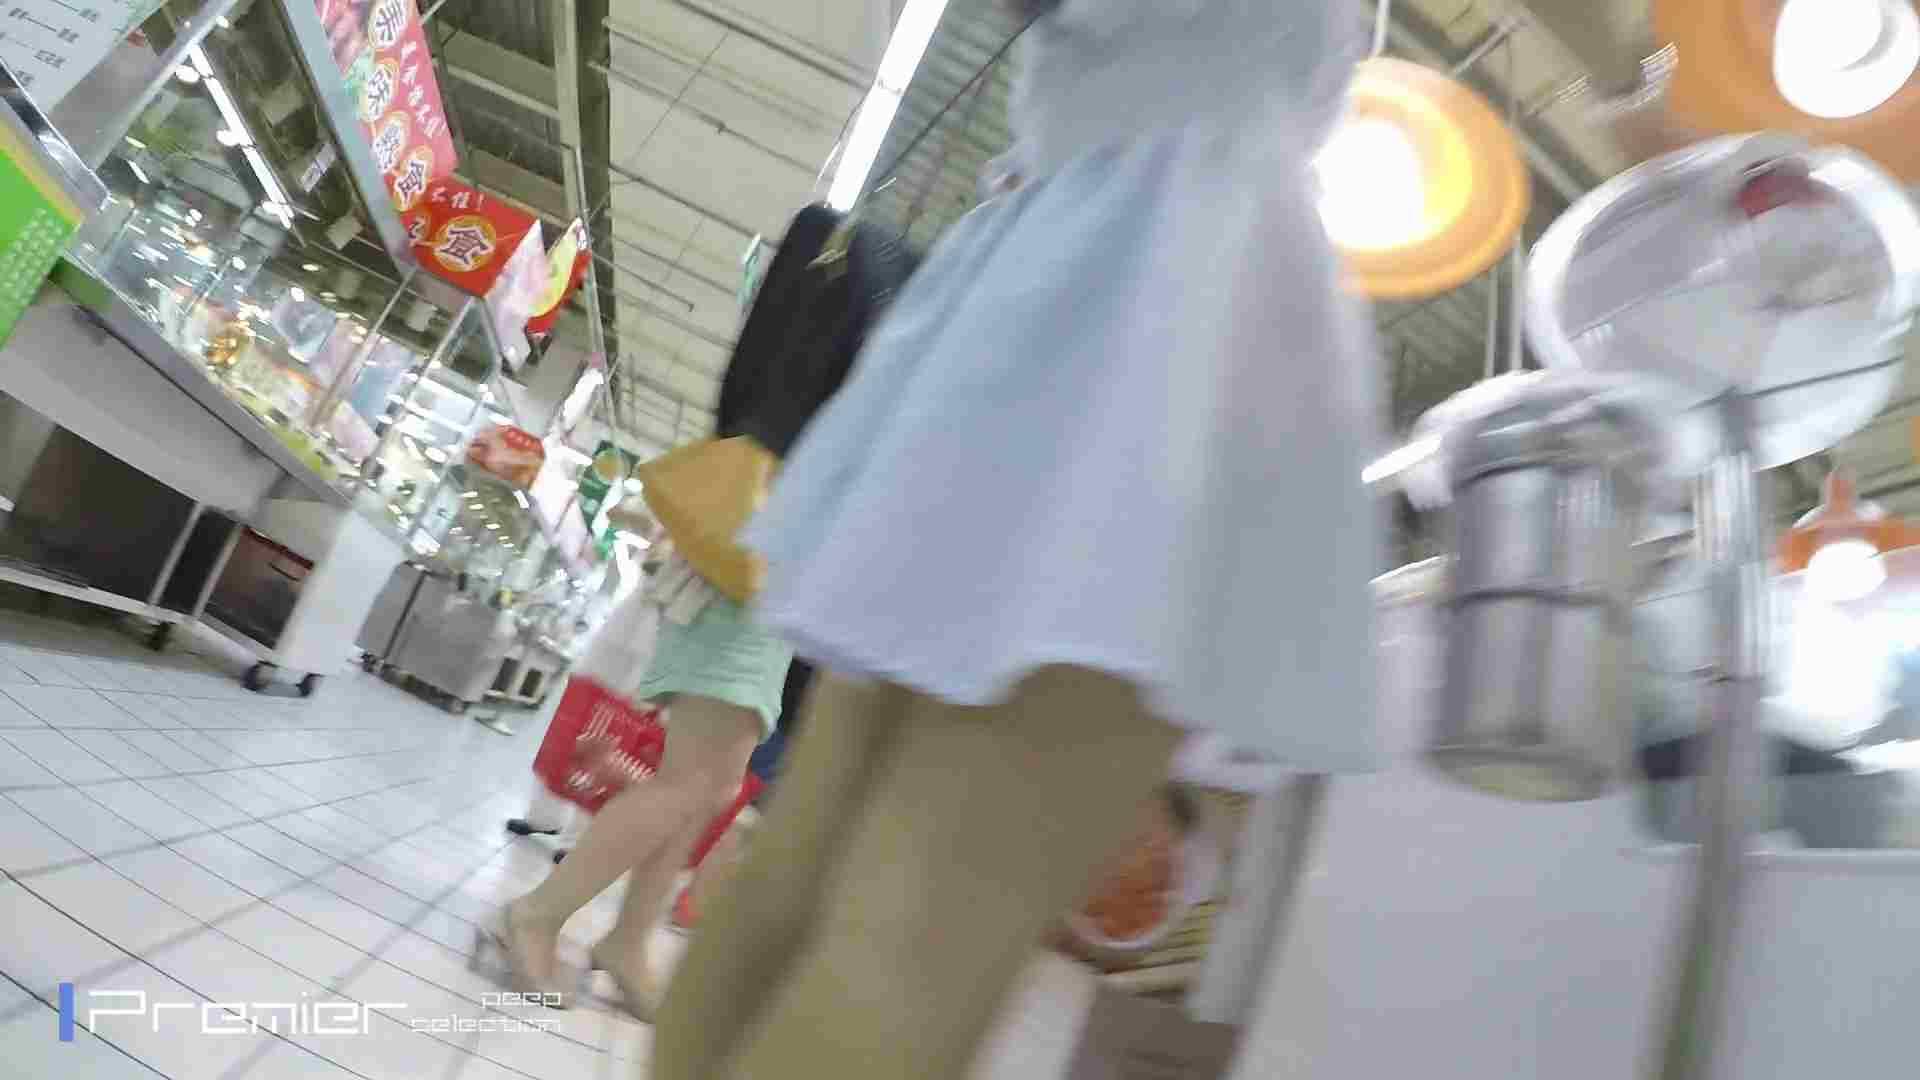 お嬢様風の乙女 食い込む黒パン 美女の下半身を粘着撮り! Vol.02 パンチラ | 乙女H映像  65画像 17